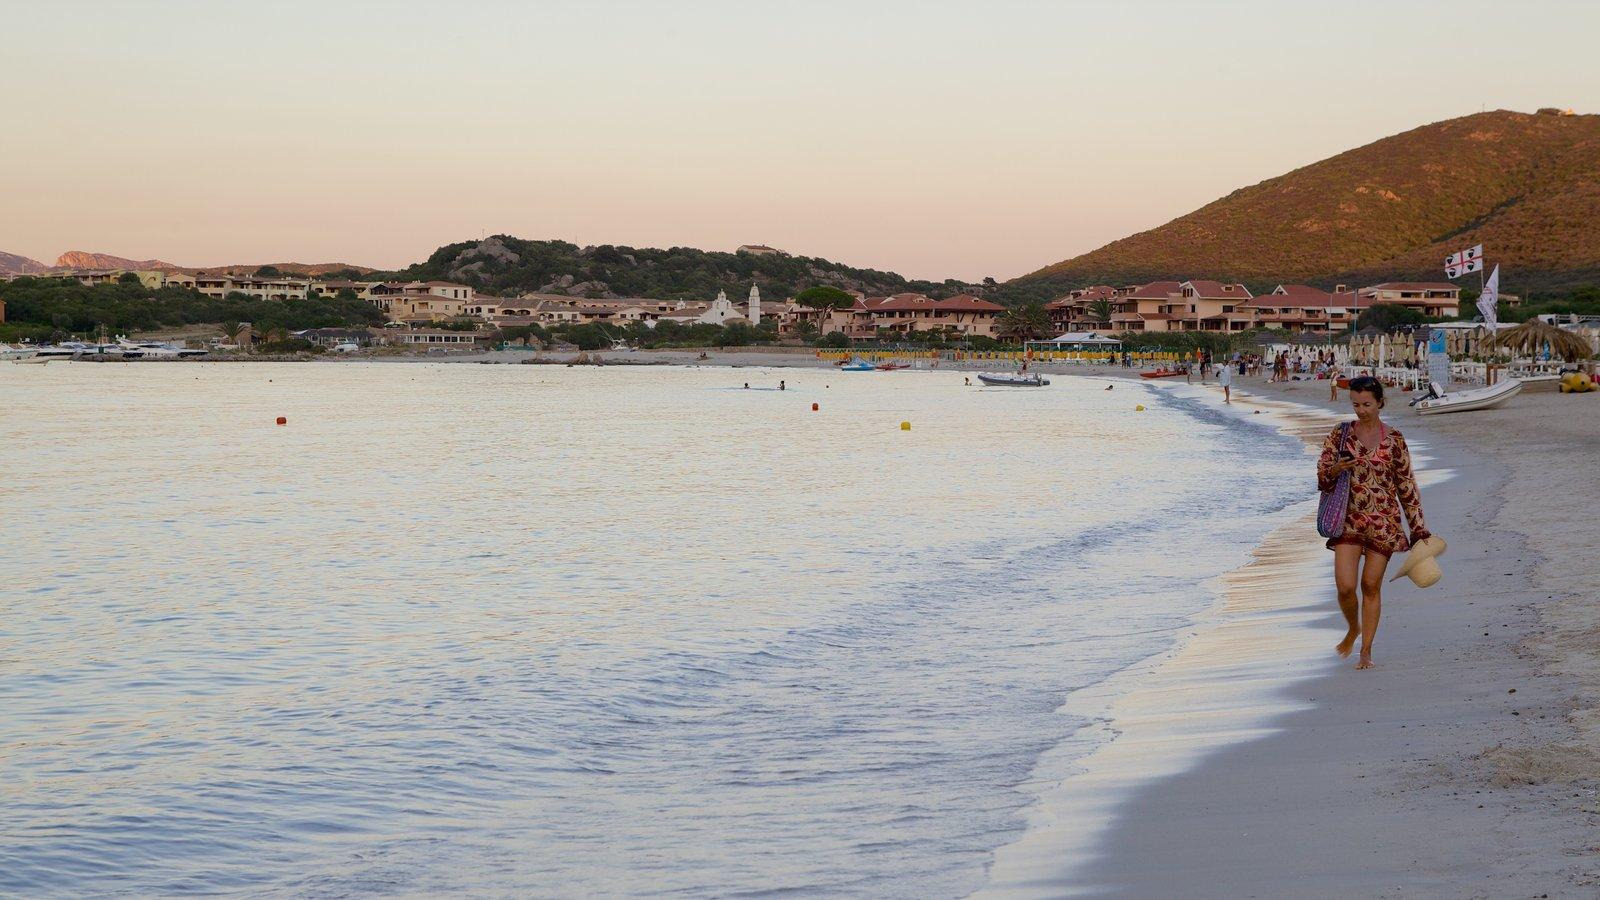 La Marinella Beach featuring a sunset, a beach and a coastal town